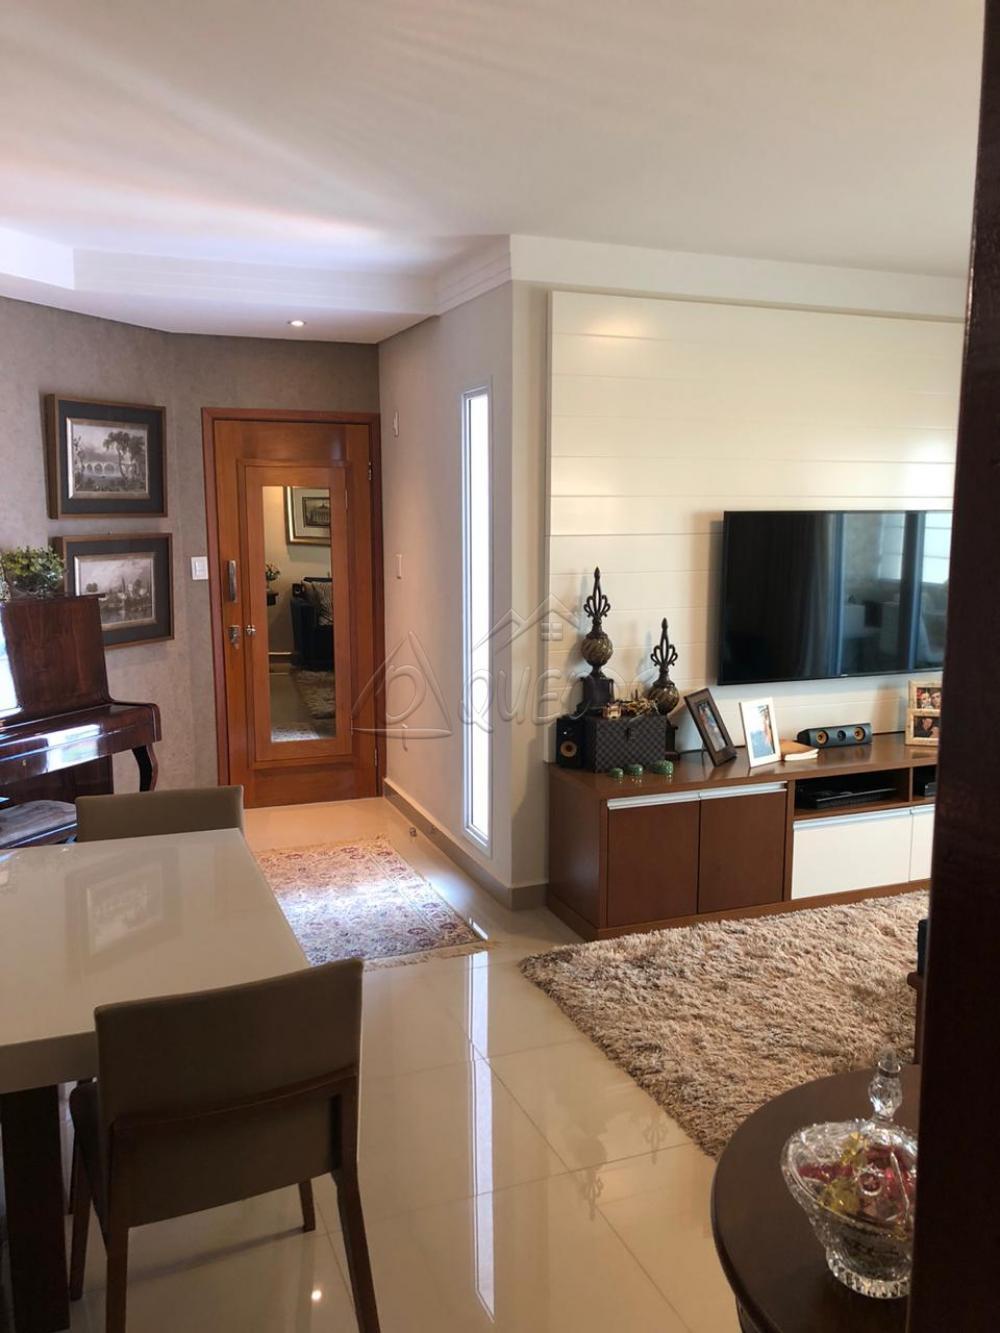 Comprar Apartamento / Padrão em Barretos apenas R$ 700.000,00 - Foto 11